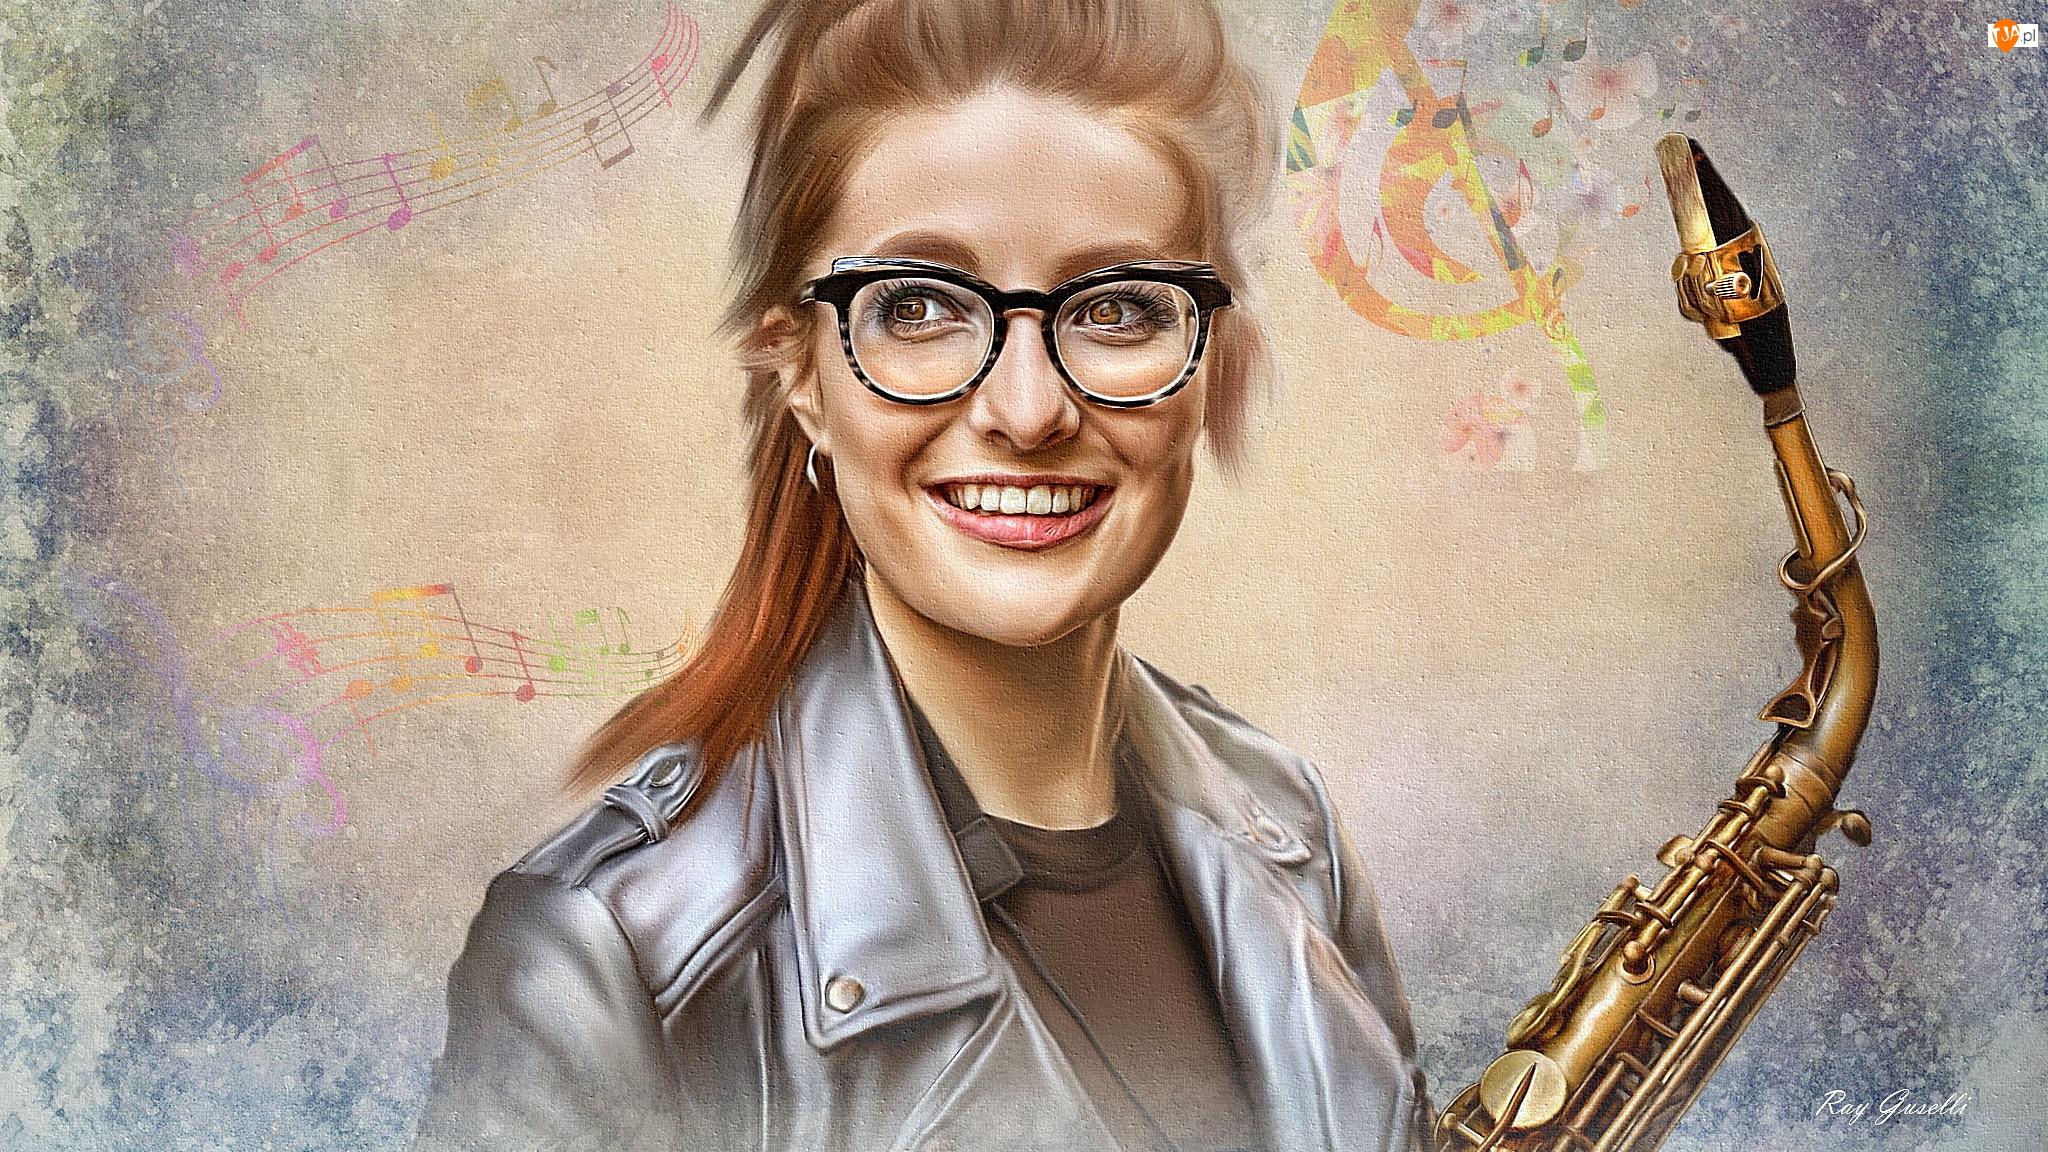 Grafika, Kobieta, Jess Gillam, Saksofon